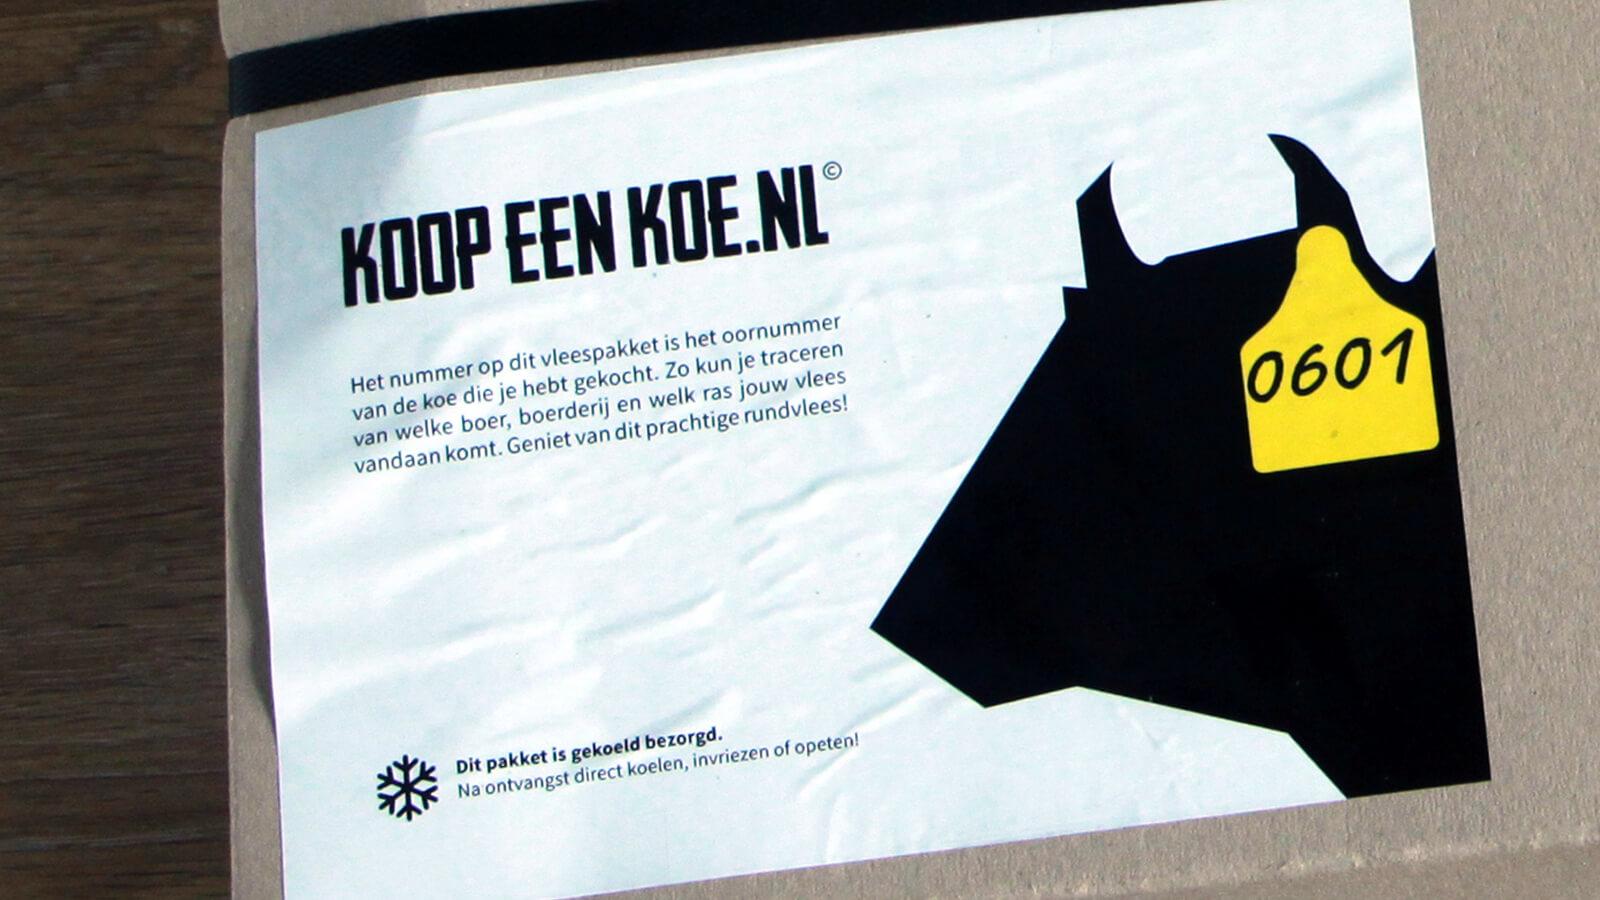 Koopeenkoe.nl: Bestel een kop-tot-staart vleespakket